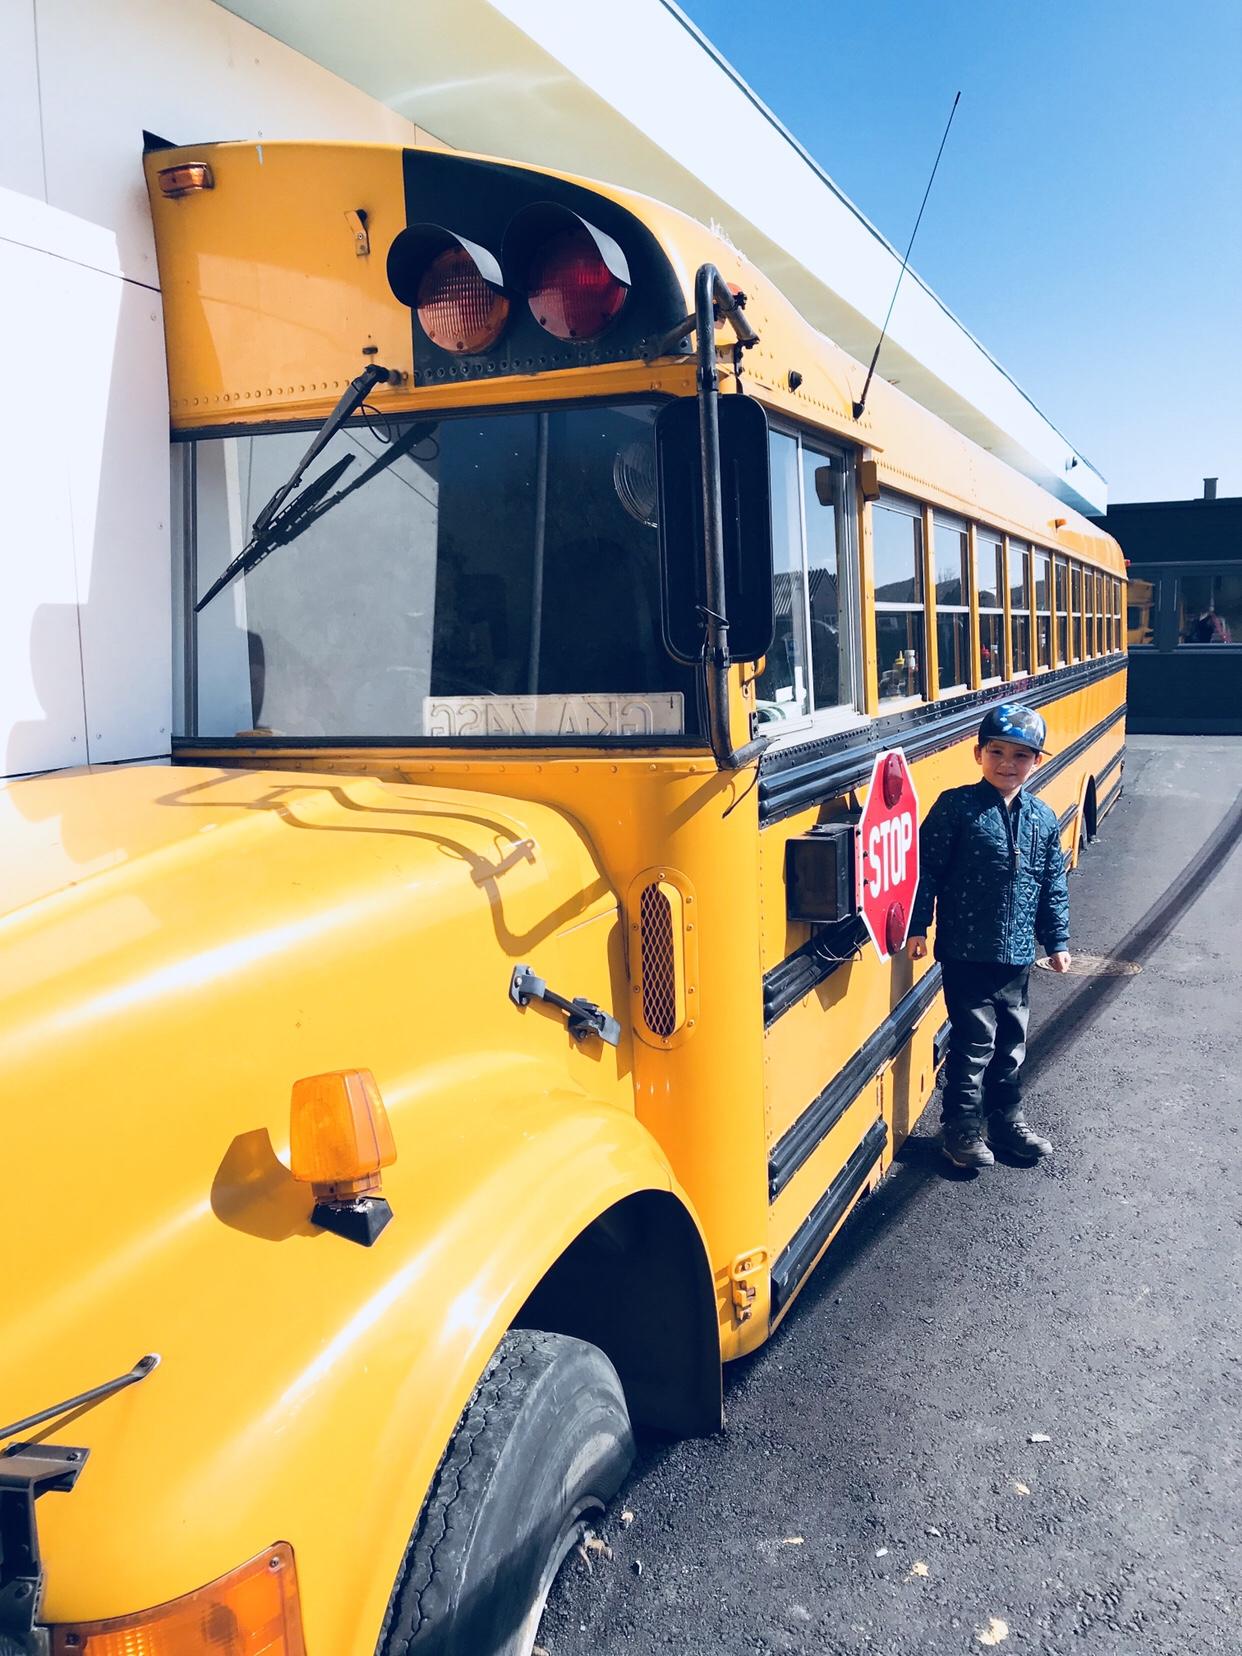 Stacy's diner køge School bus